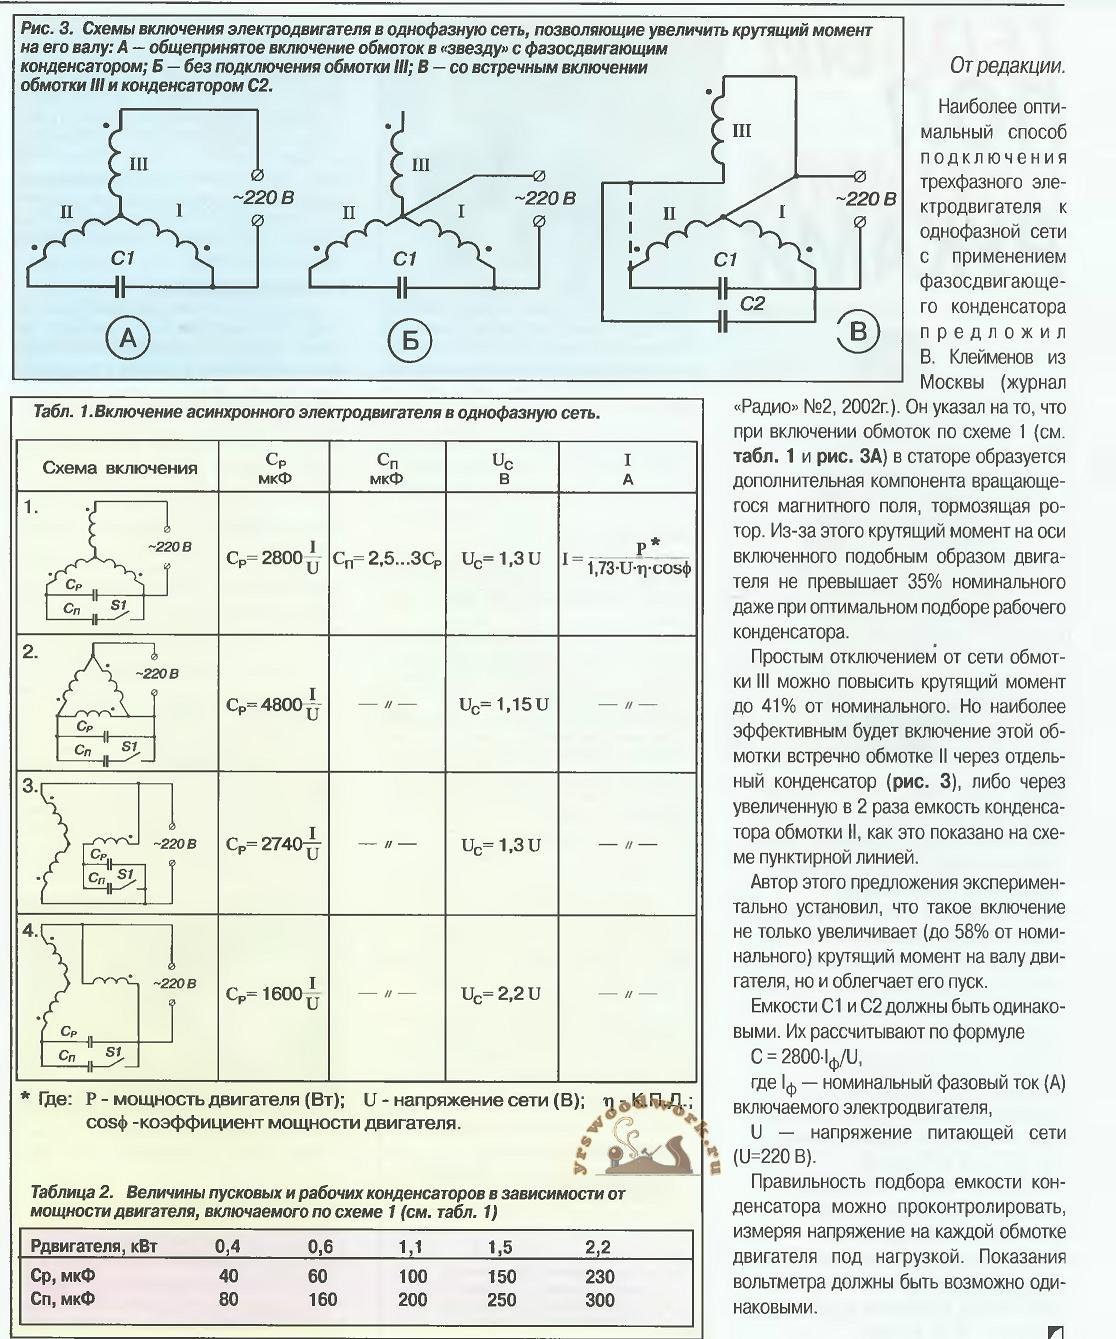 Можно ли поставить пусковой конденсатор большей емкости